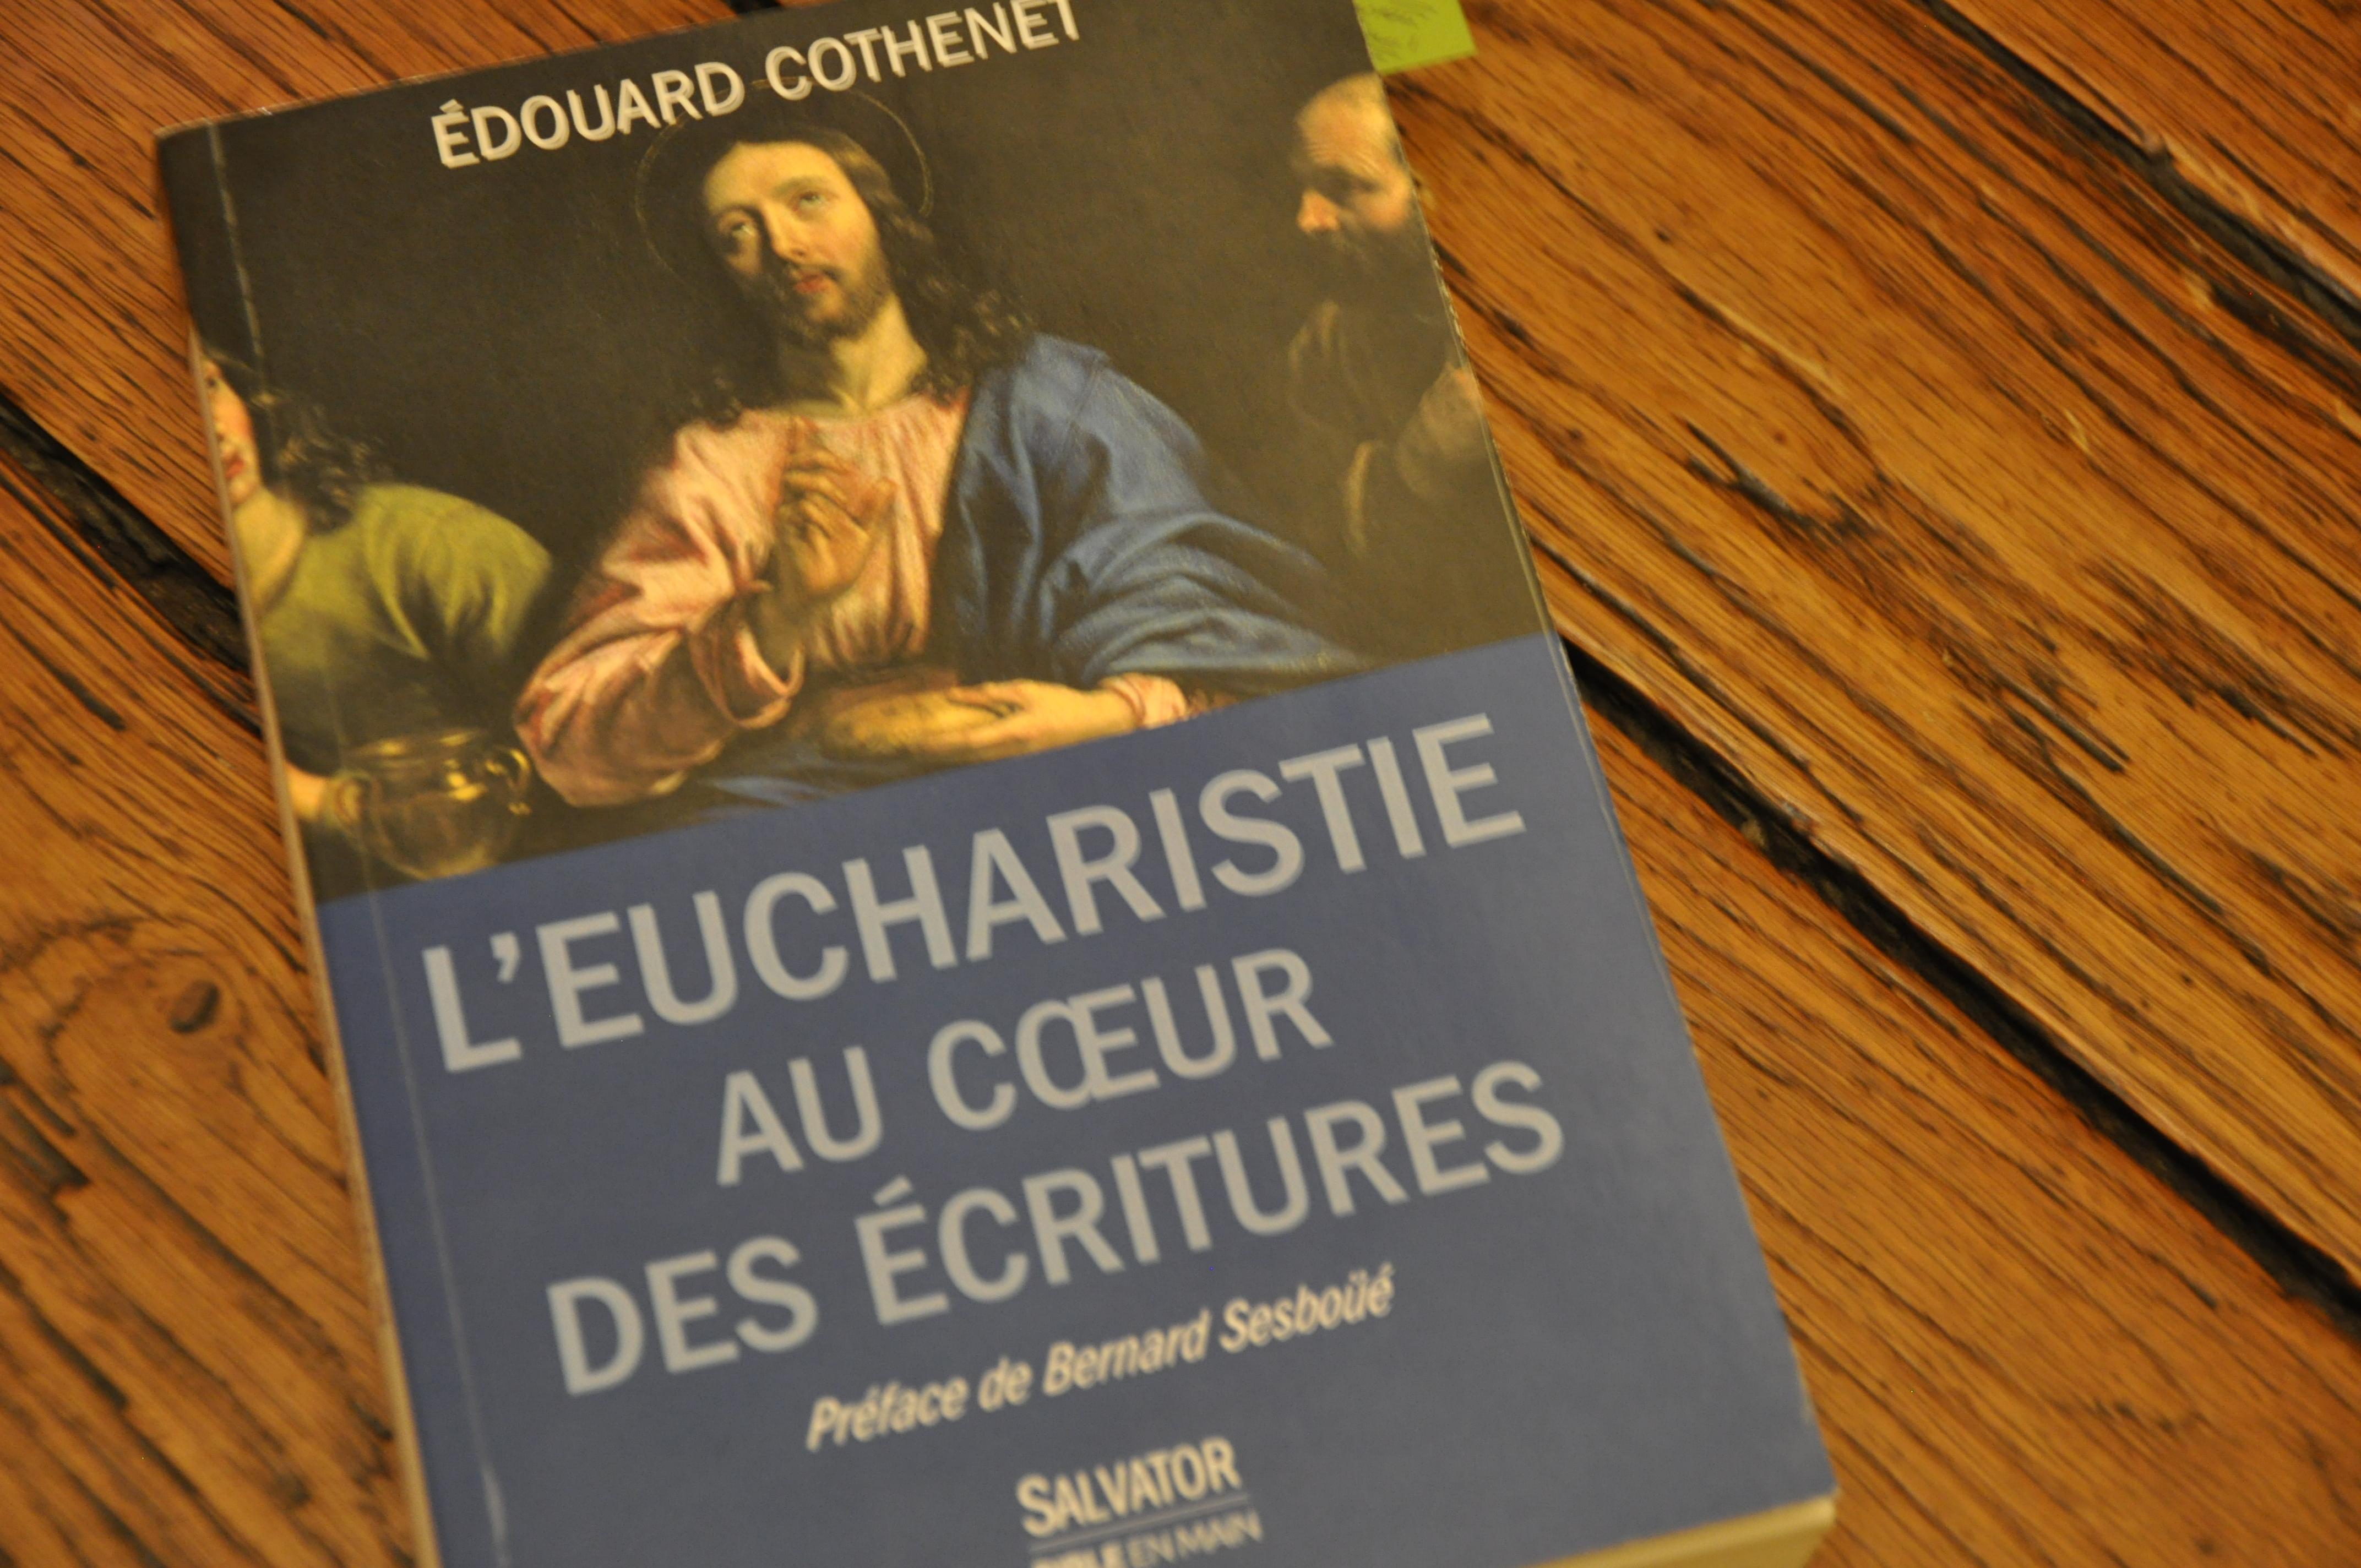 L'Eucharistie au coeur des Ecritures, P. Edouard Cothenet